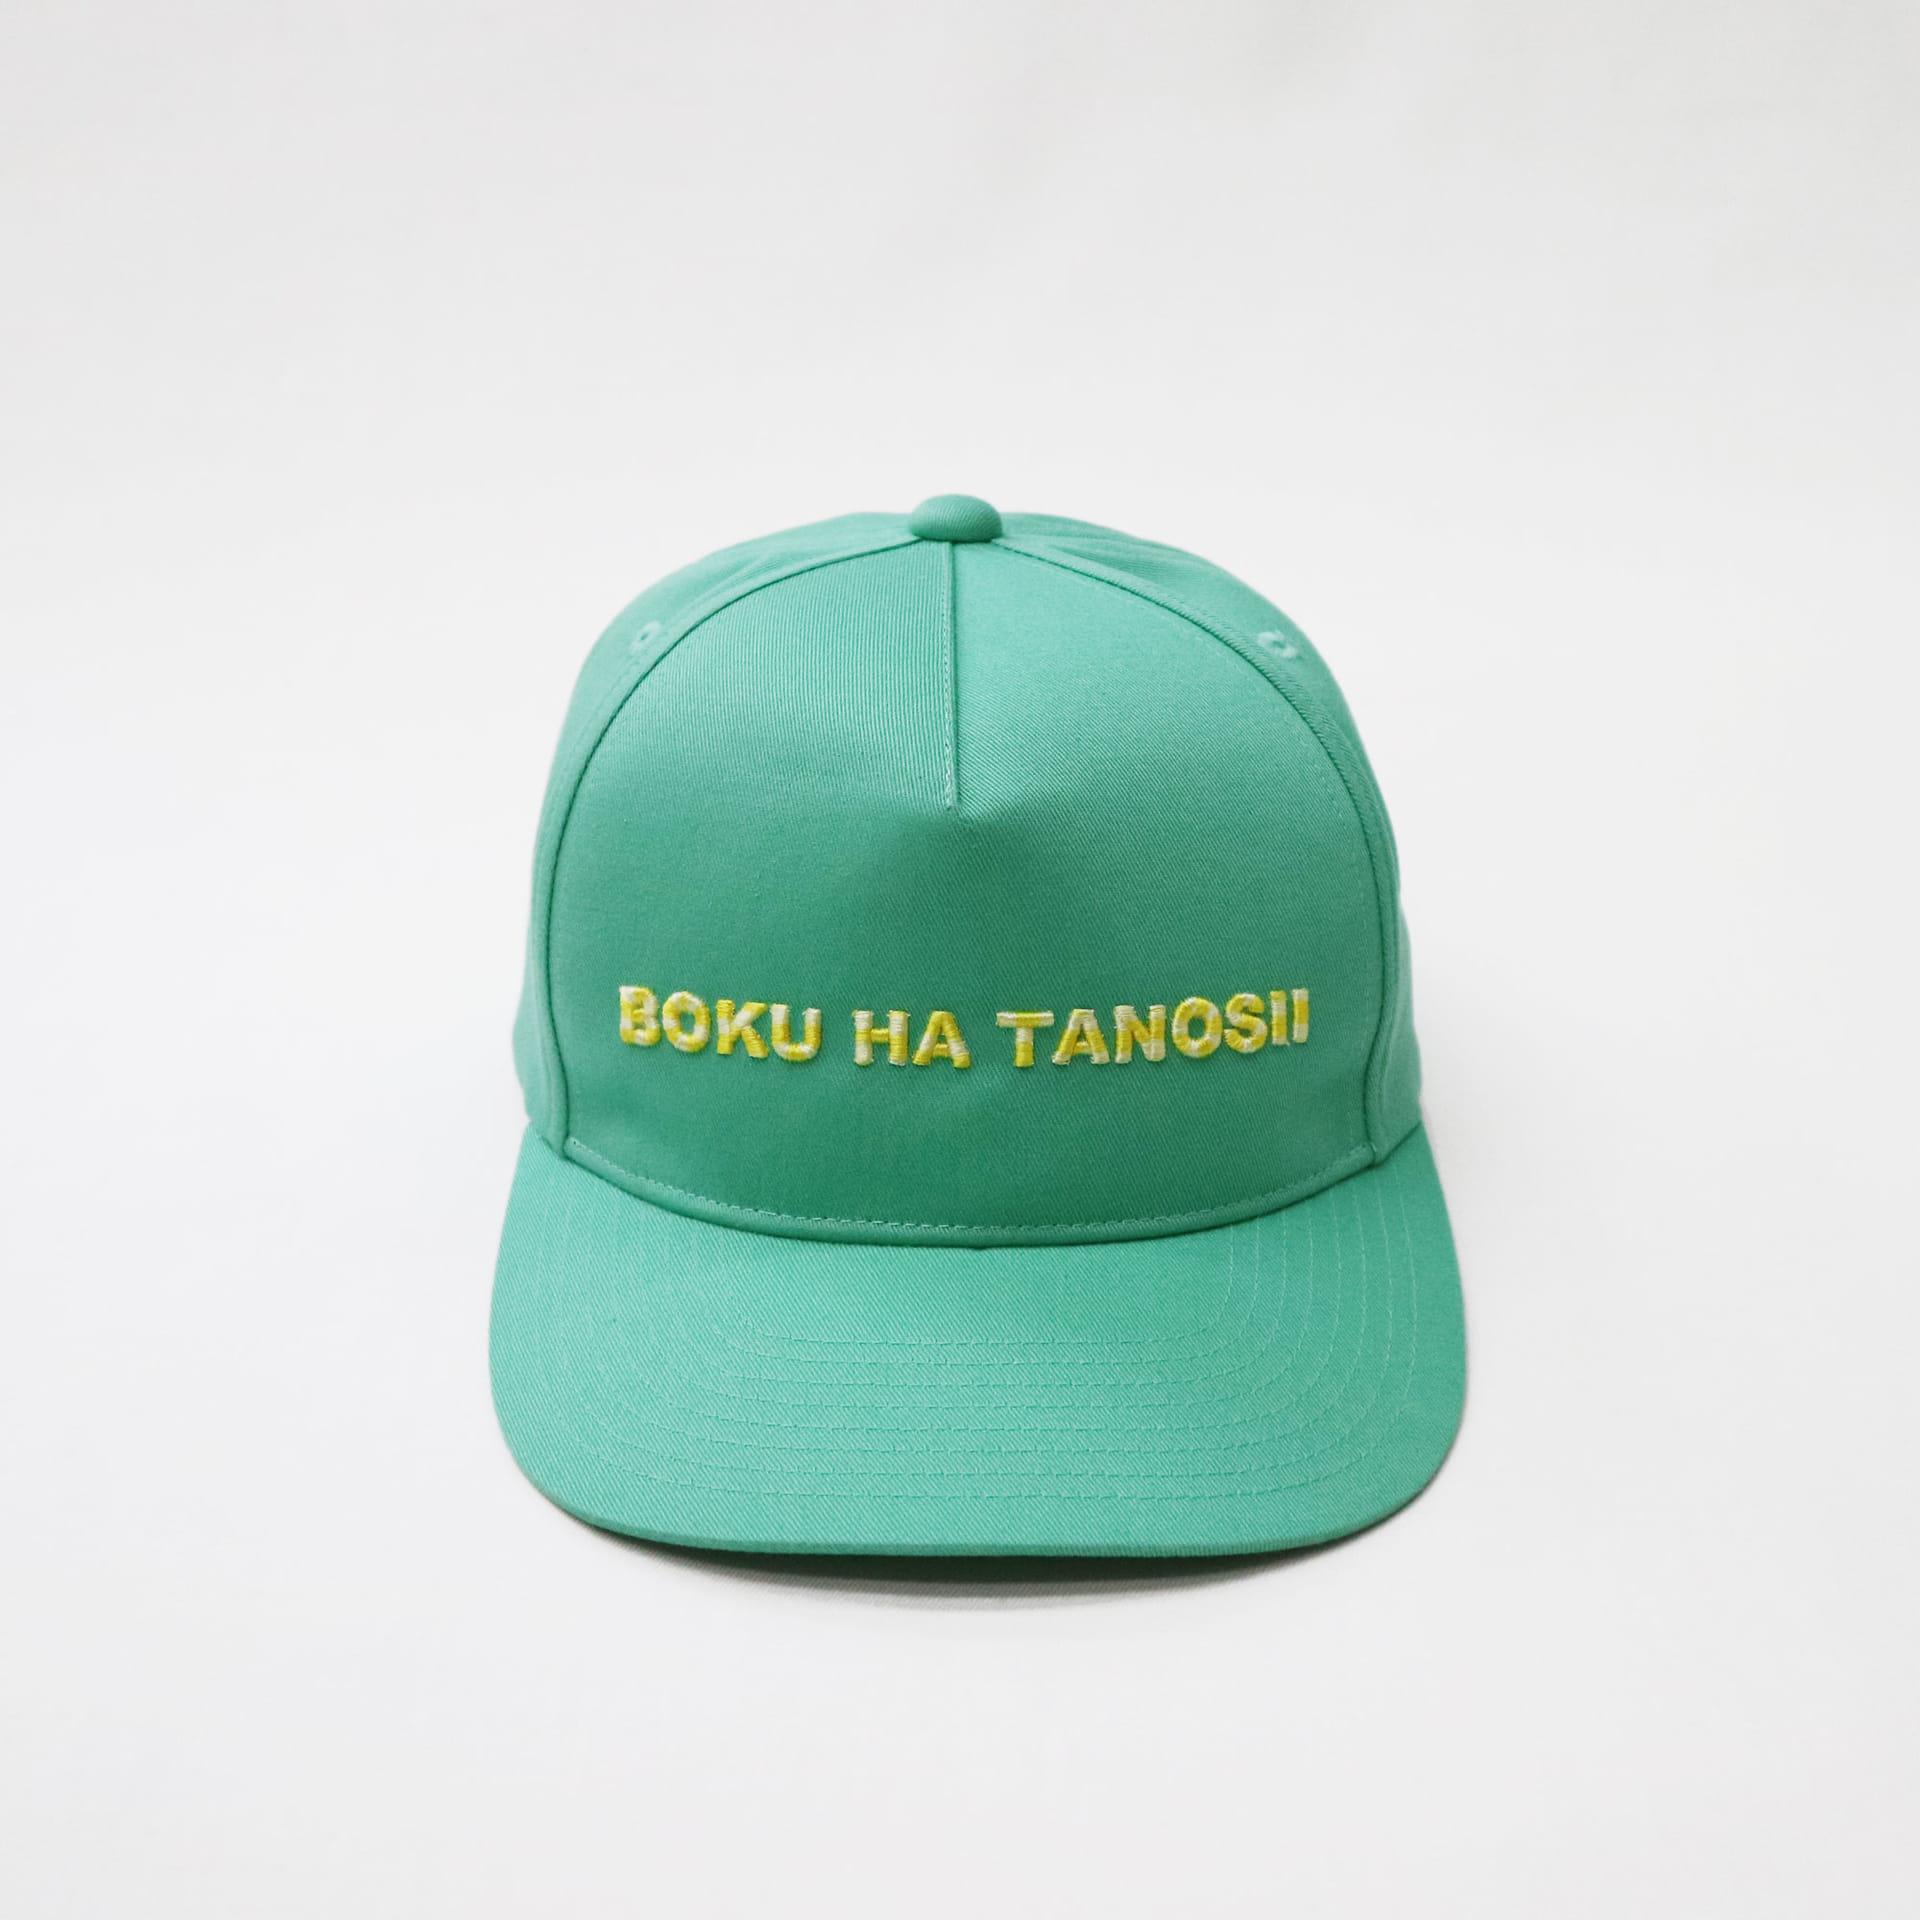 菅田将暉とBOKU HA TANOSIIによるコラボツアーグッズが発売 | EYESCREAM